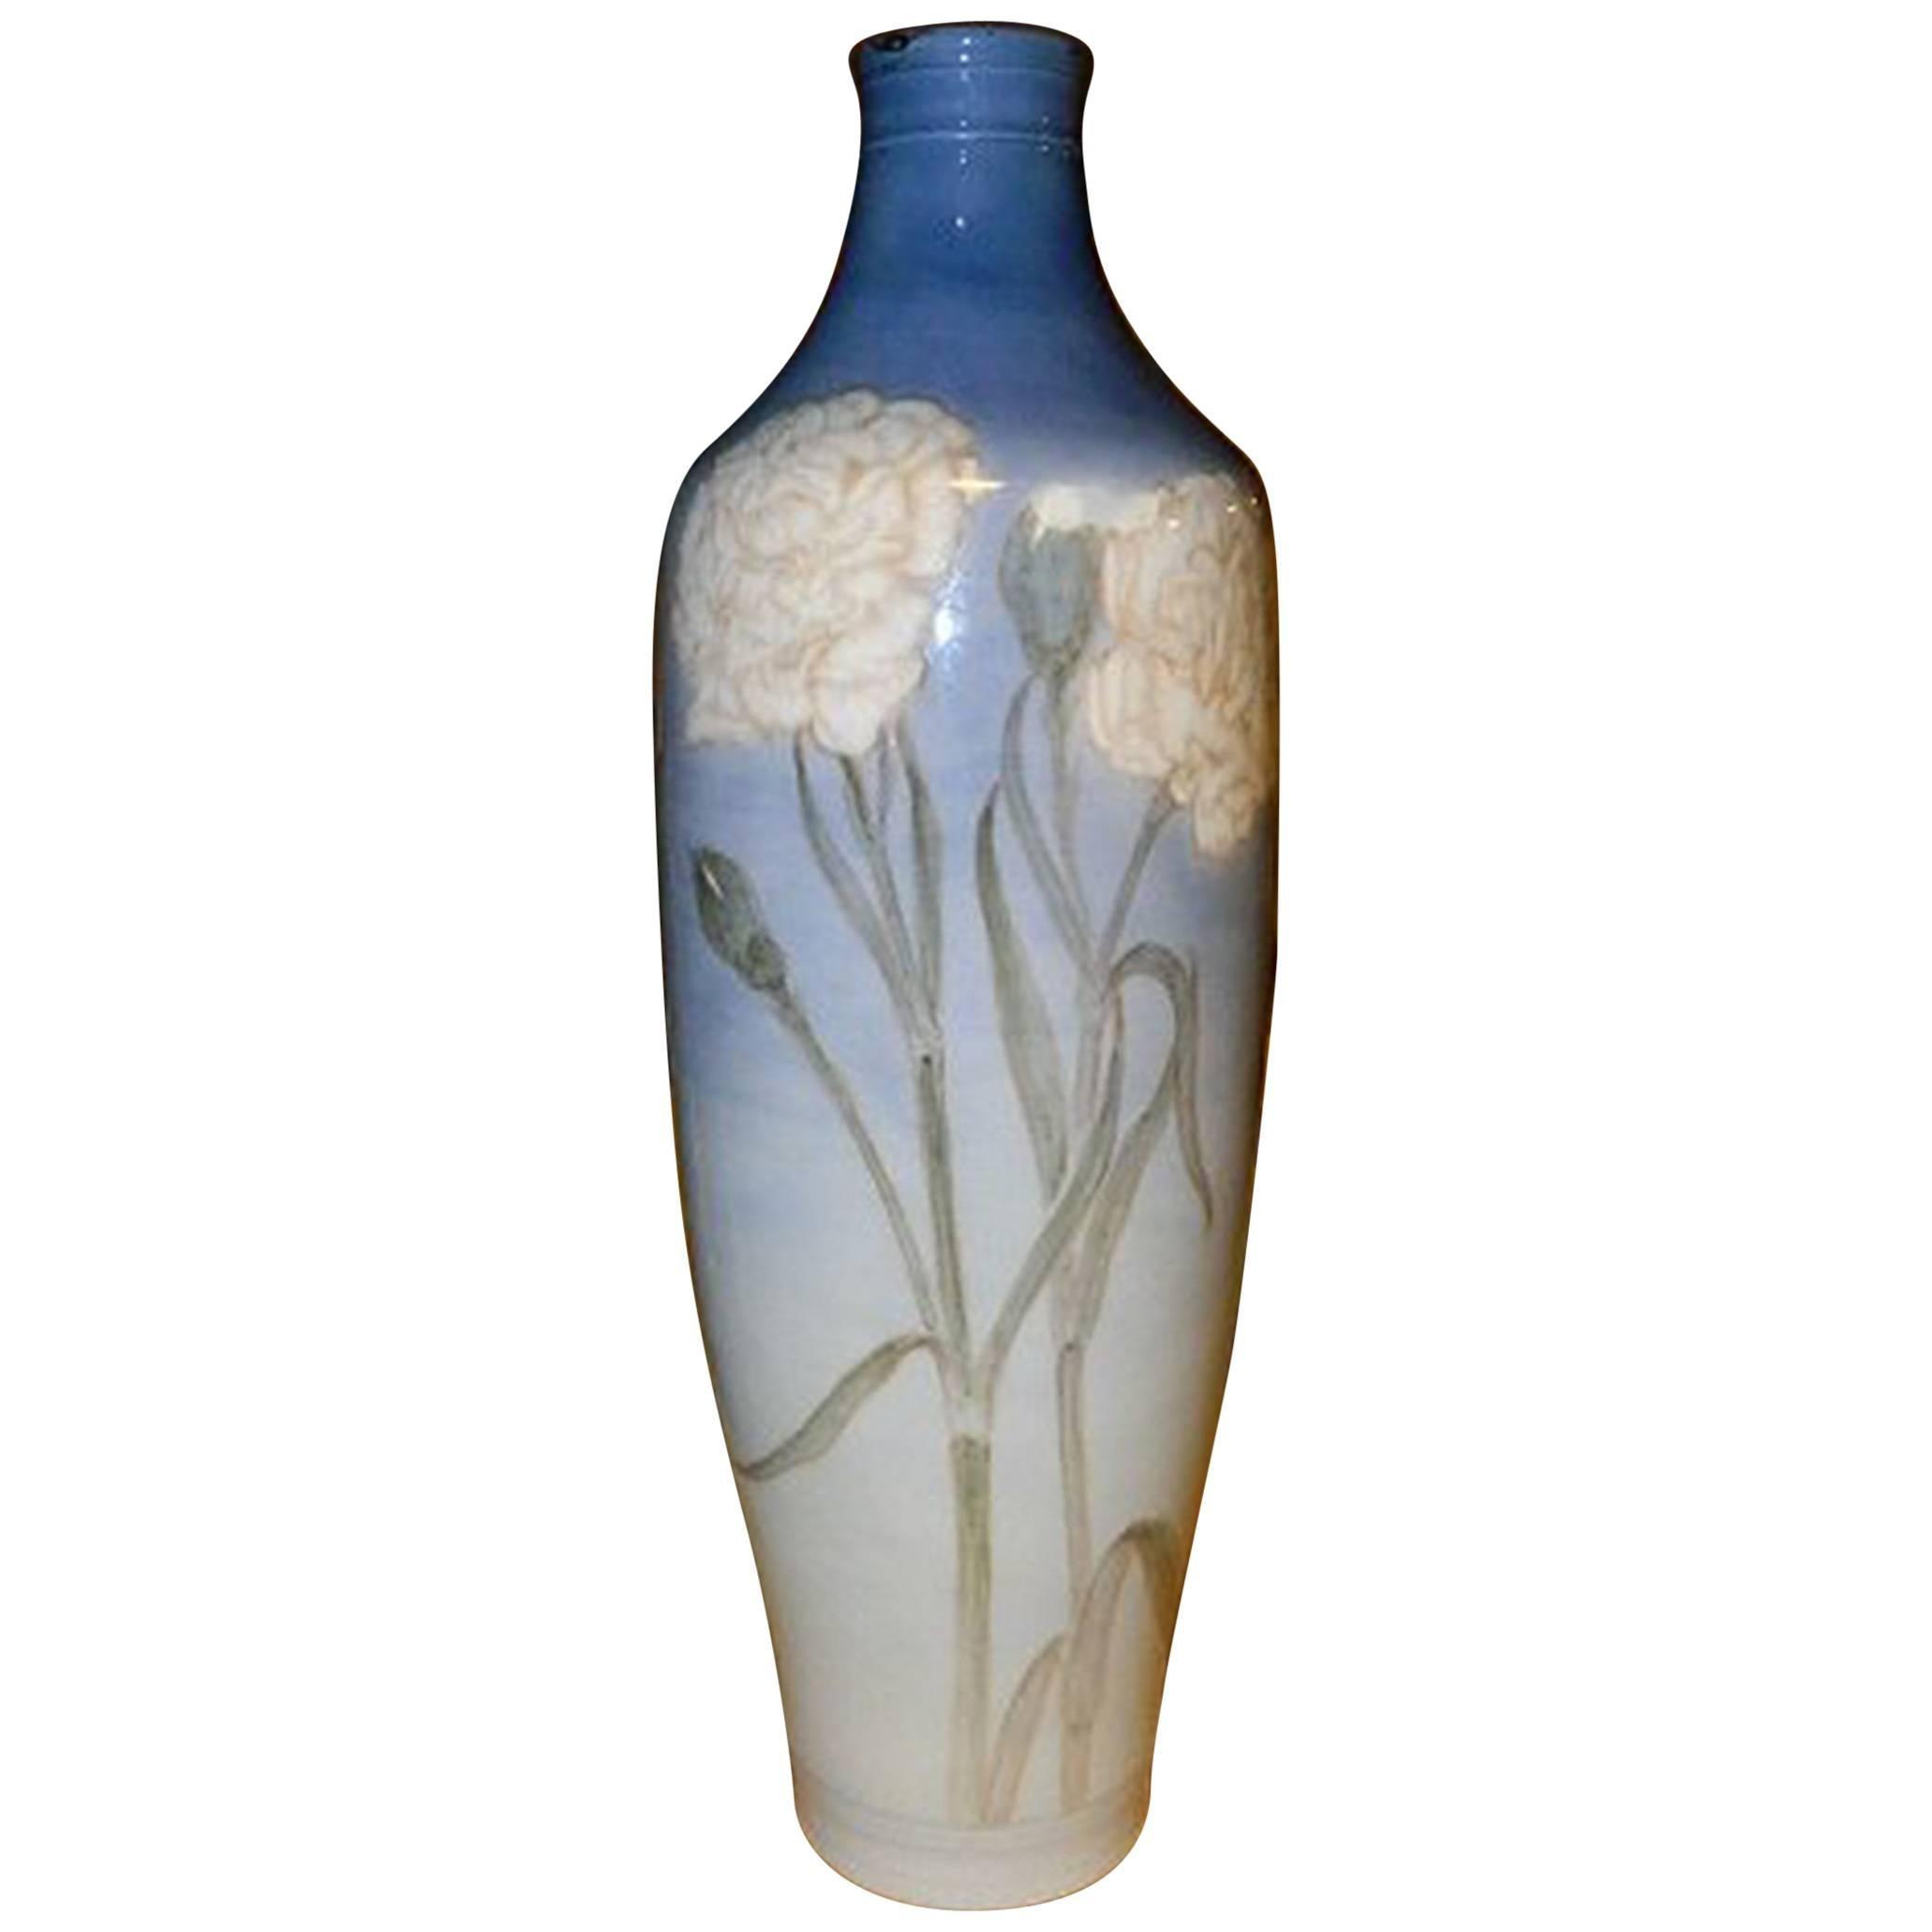 Royal Copenhagen Art Nouveau Unique Vase by Anna Smidth from July 1914